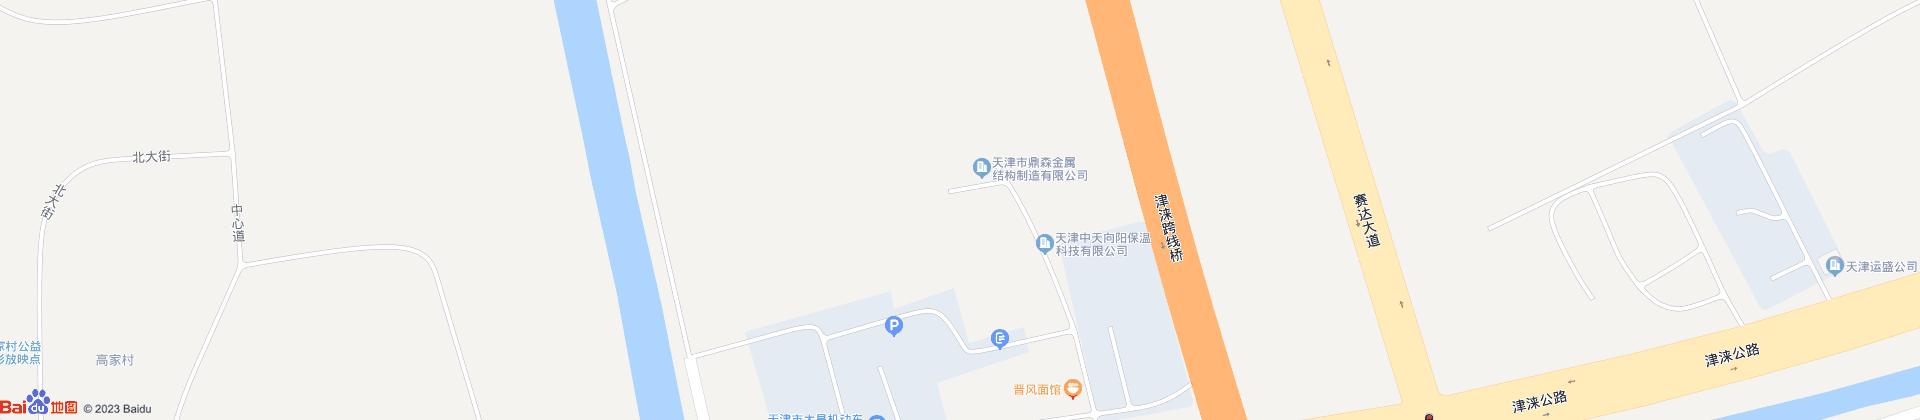 天津鼎森管業有限公司